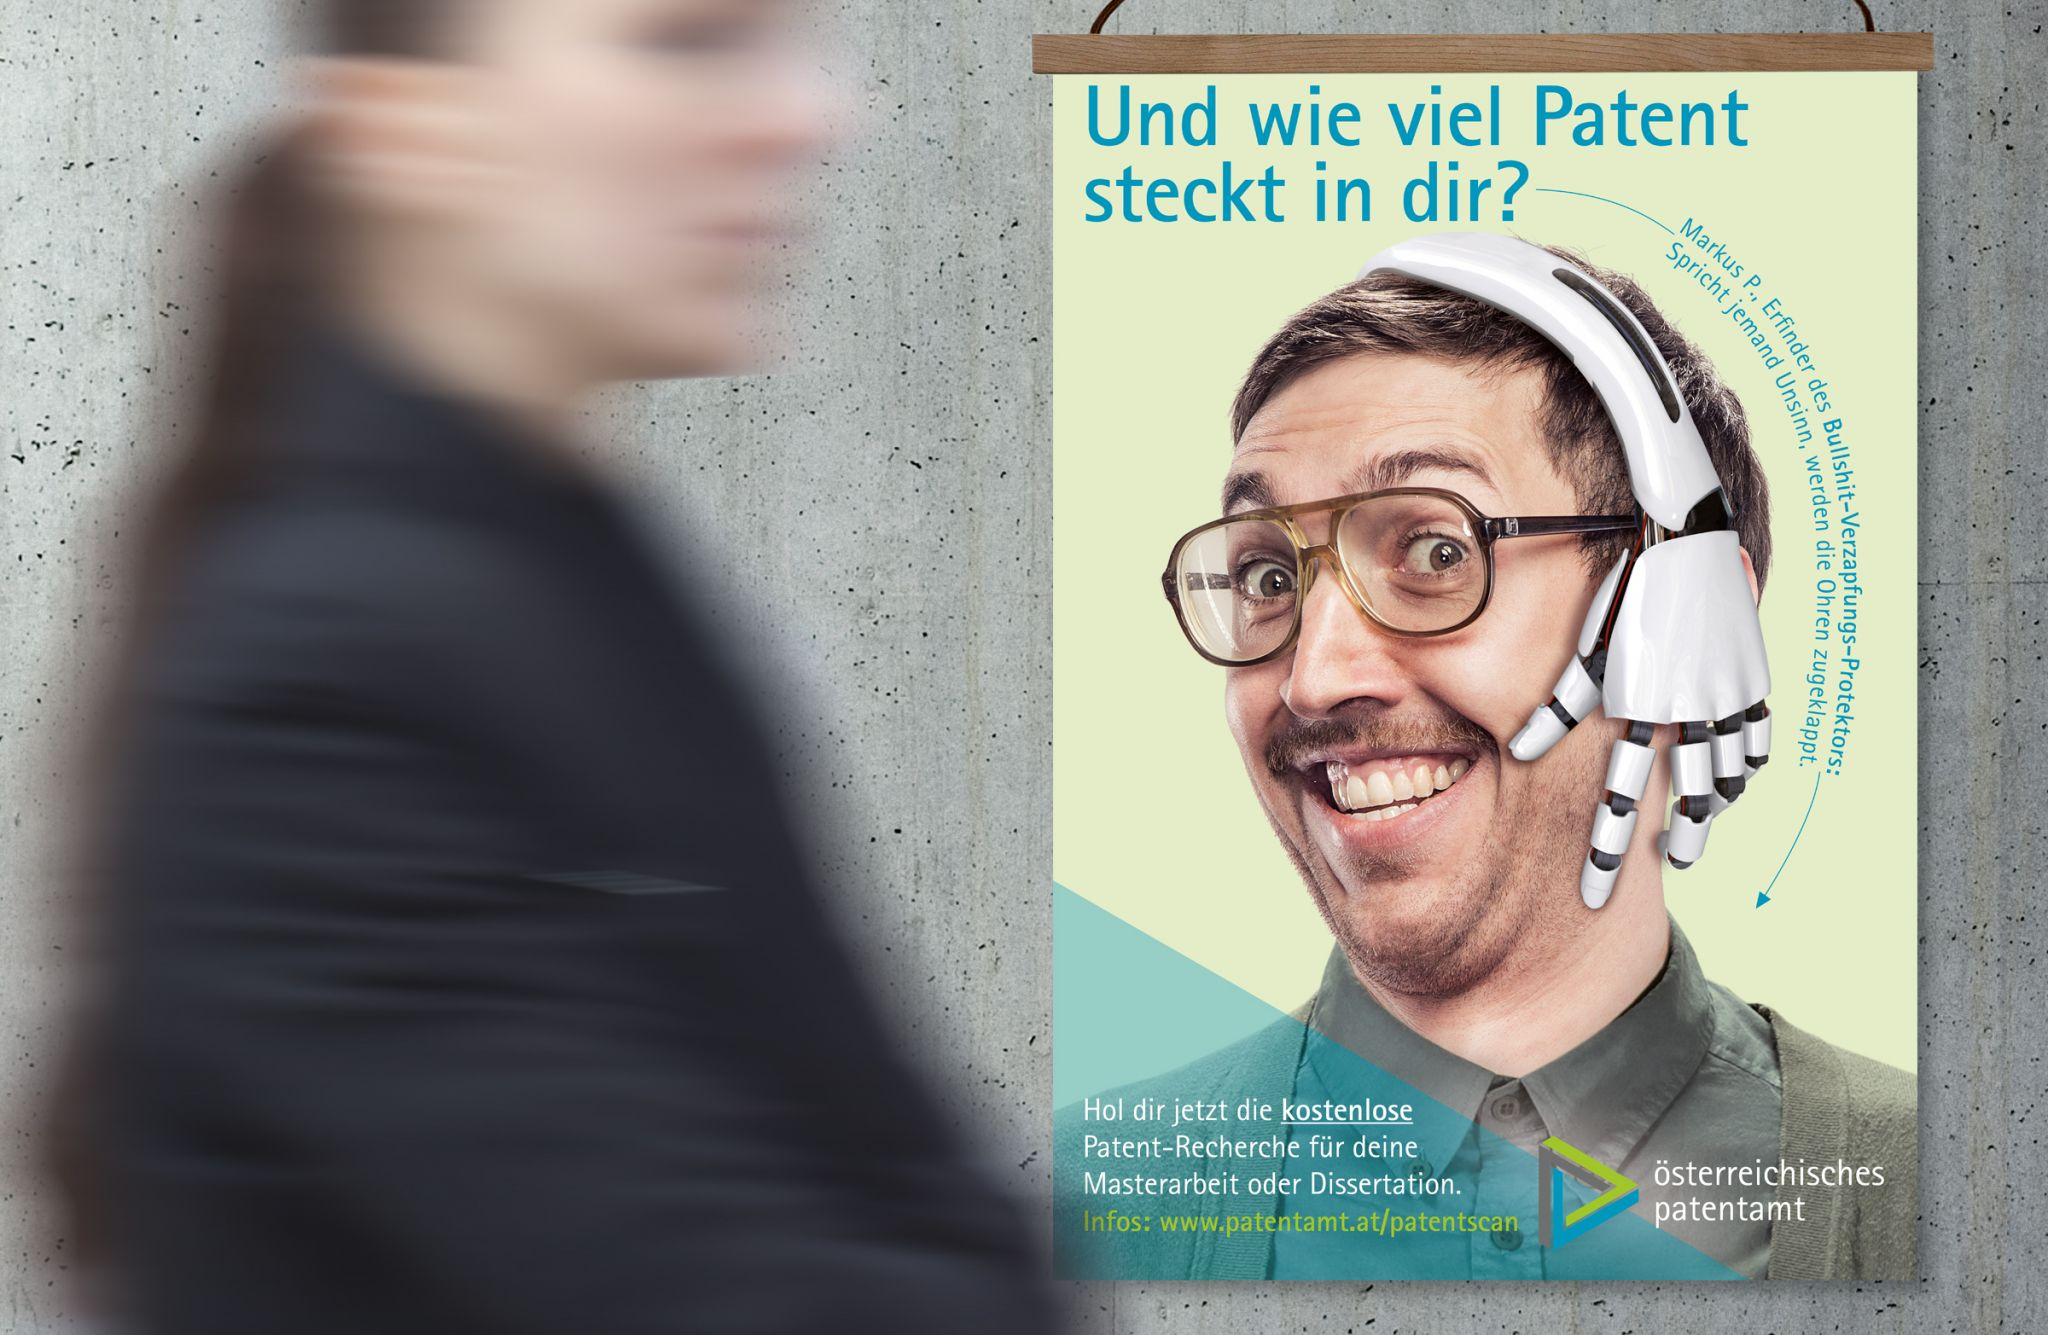 patentamt_07